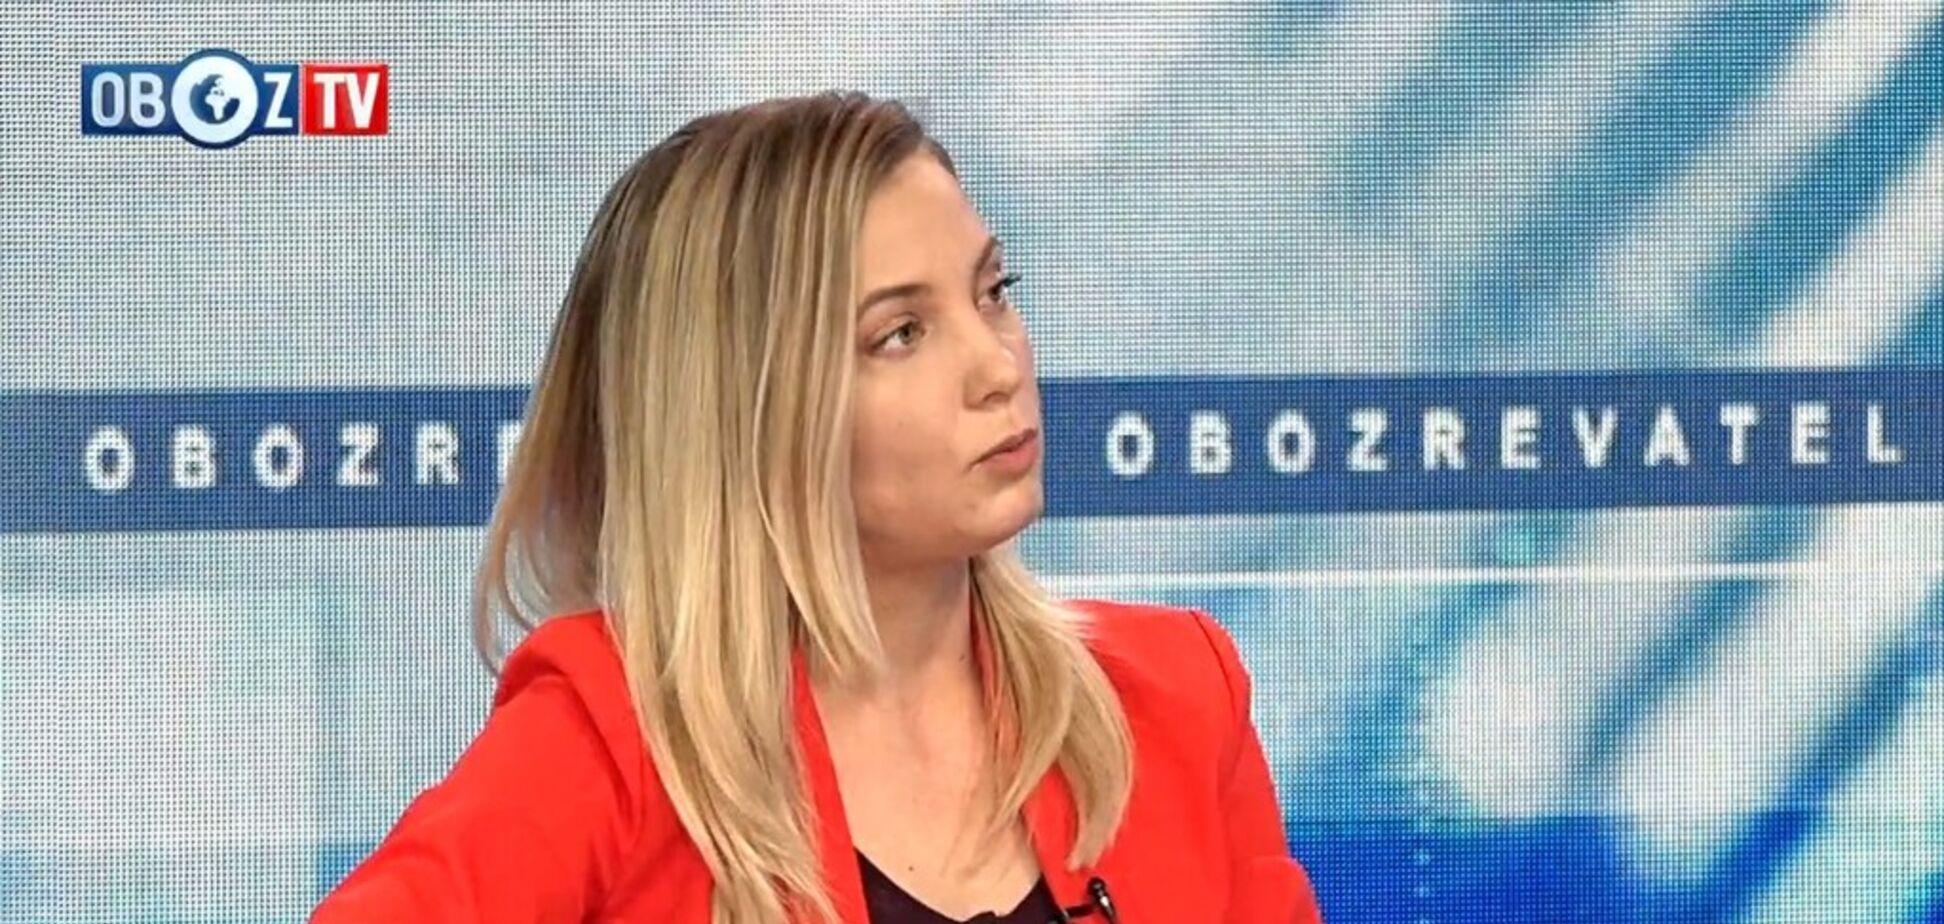 Детали медицинской реформы в Украине: менеджер медицинской группы РПР